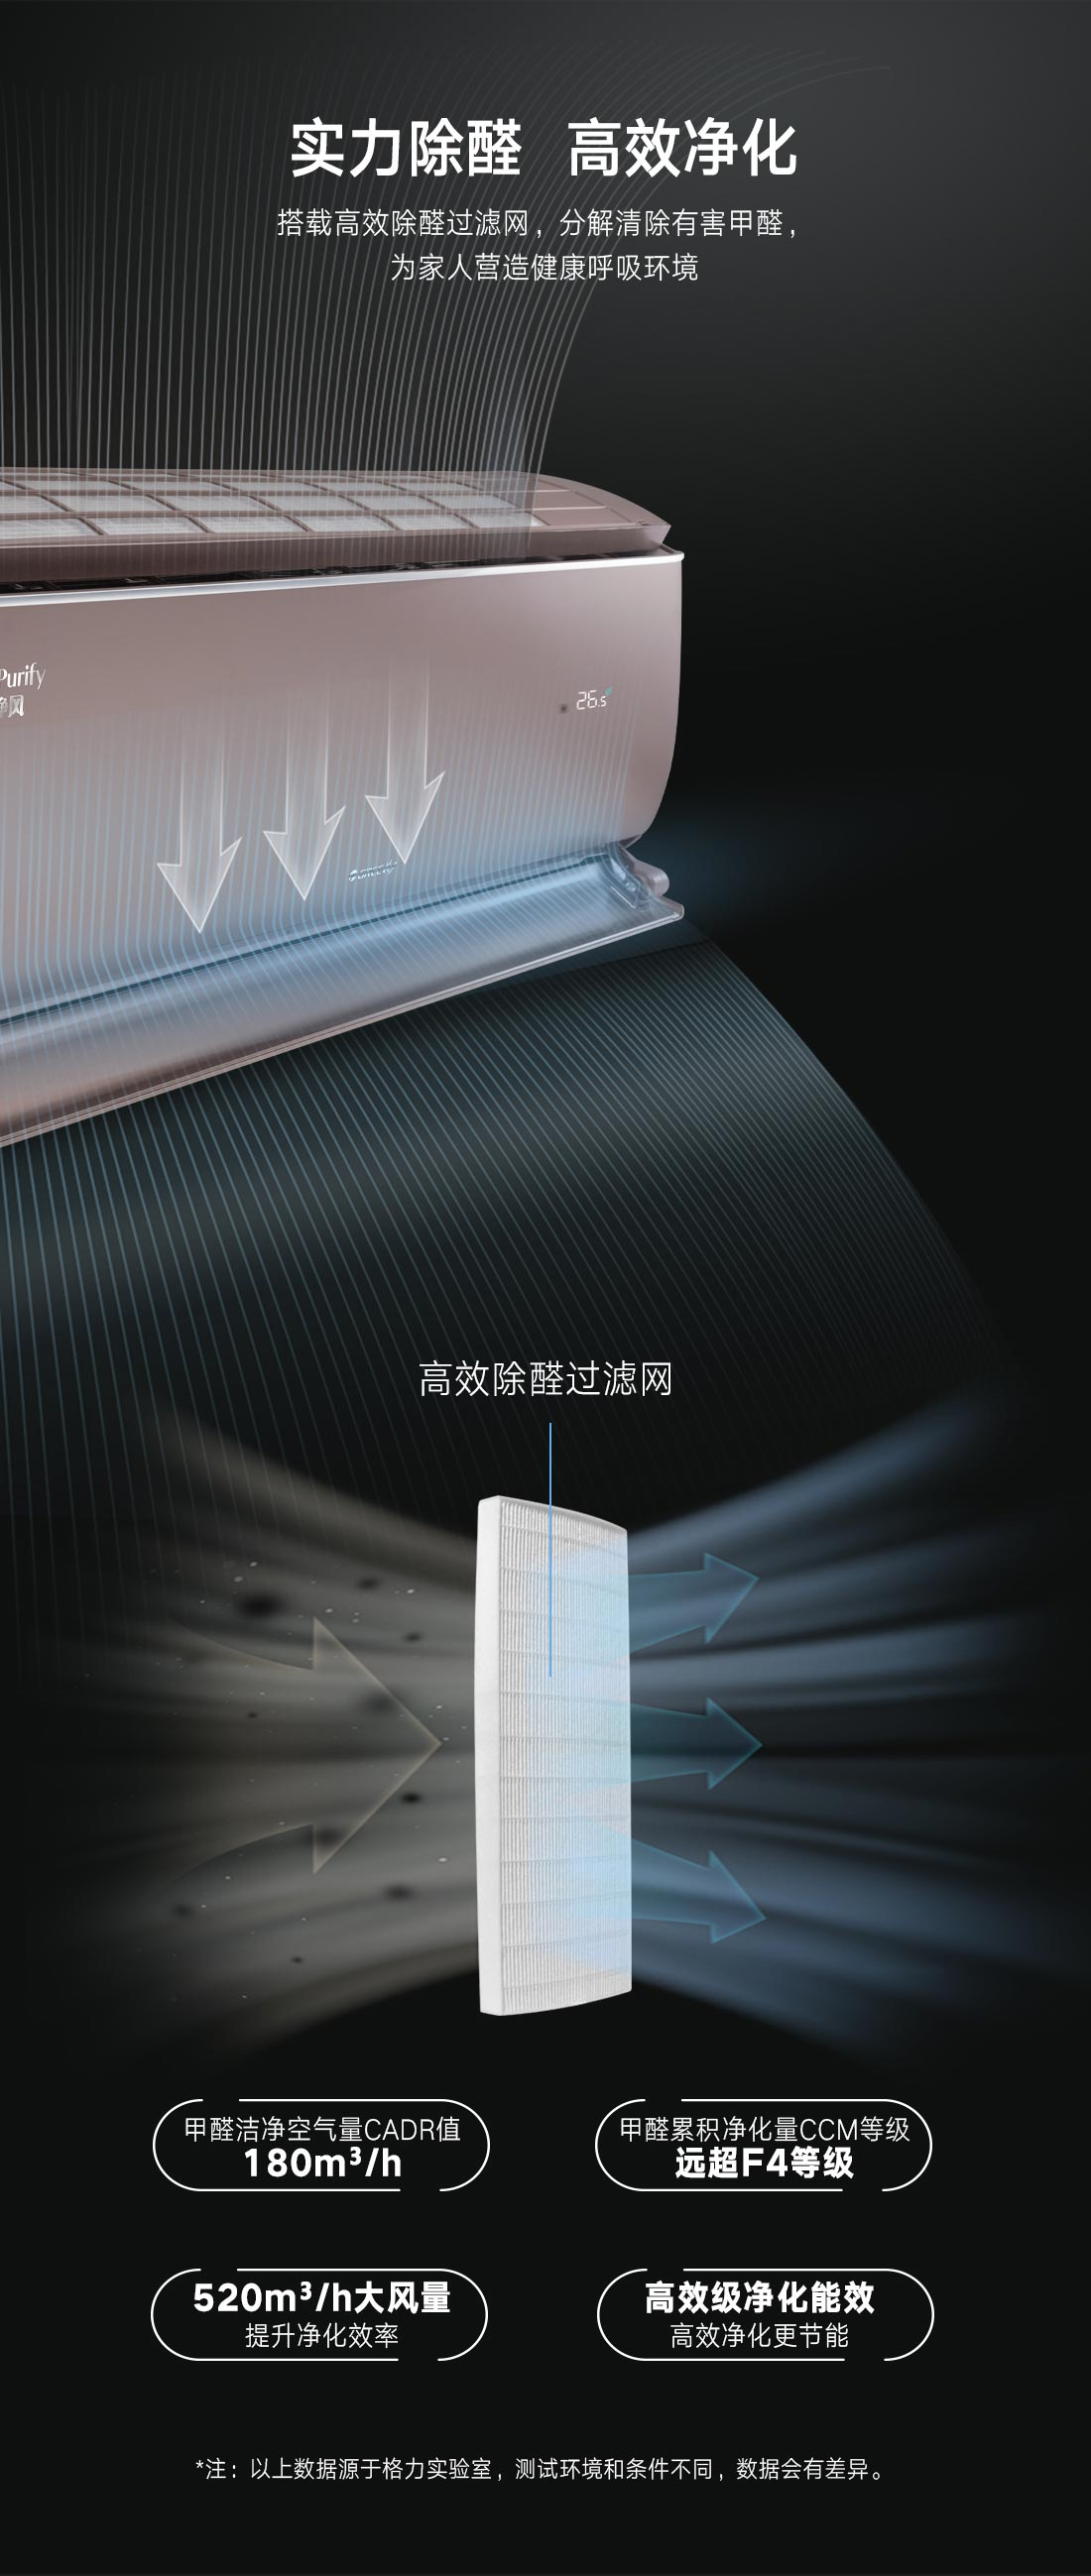 格力(GREE)大1匹/1.5匹 臻净风 高效除甲醛 空调空气净化器一体机 壁挂式空调挂机 京淳同款 KFR-26GW/(26543)FNhCe-B1